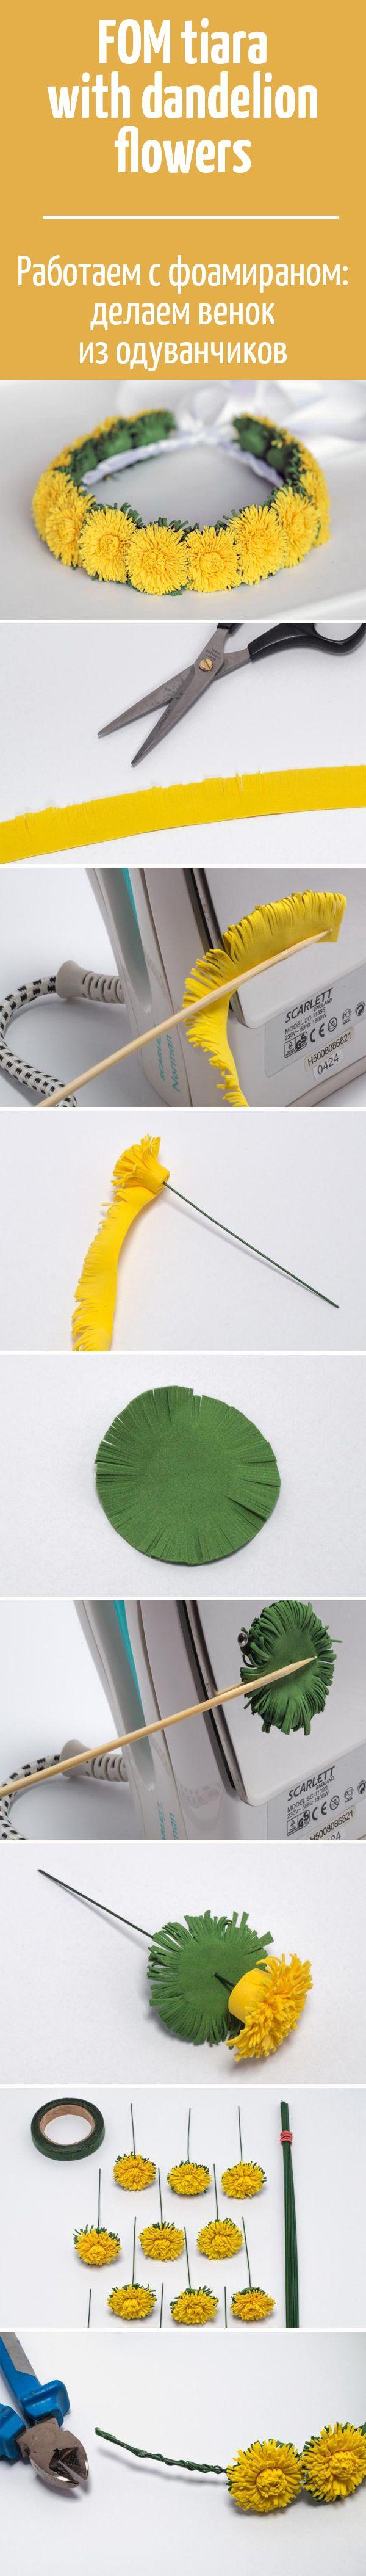 Делем венок из одуванчиков / FOM tiara with dandelion flowers